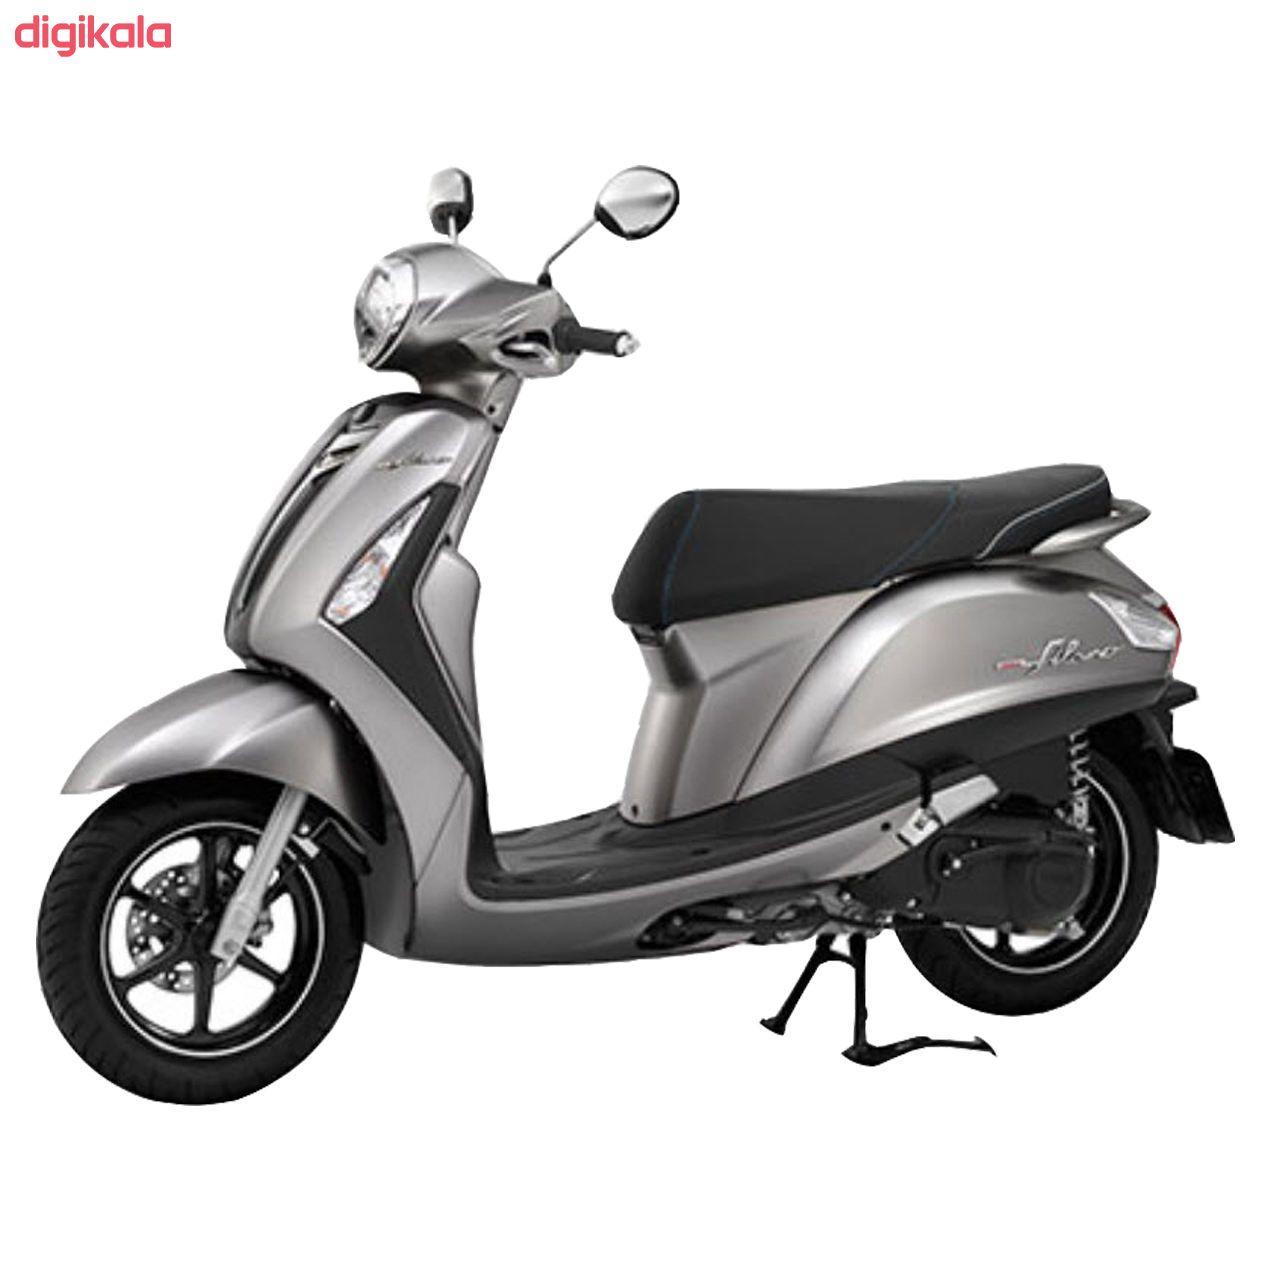 موتورسیکلت یاماها مدل GRAND FILANO ABS حجم 125 سی سی سال 1399 main 1 4